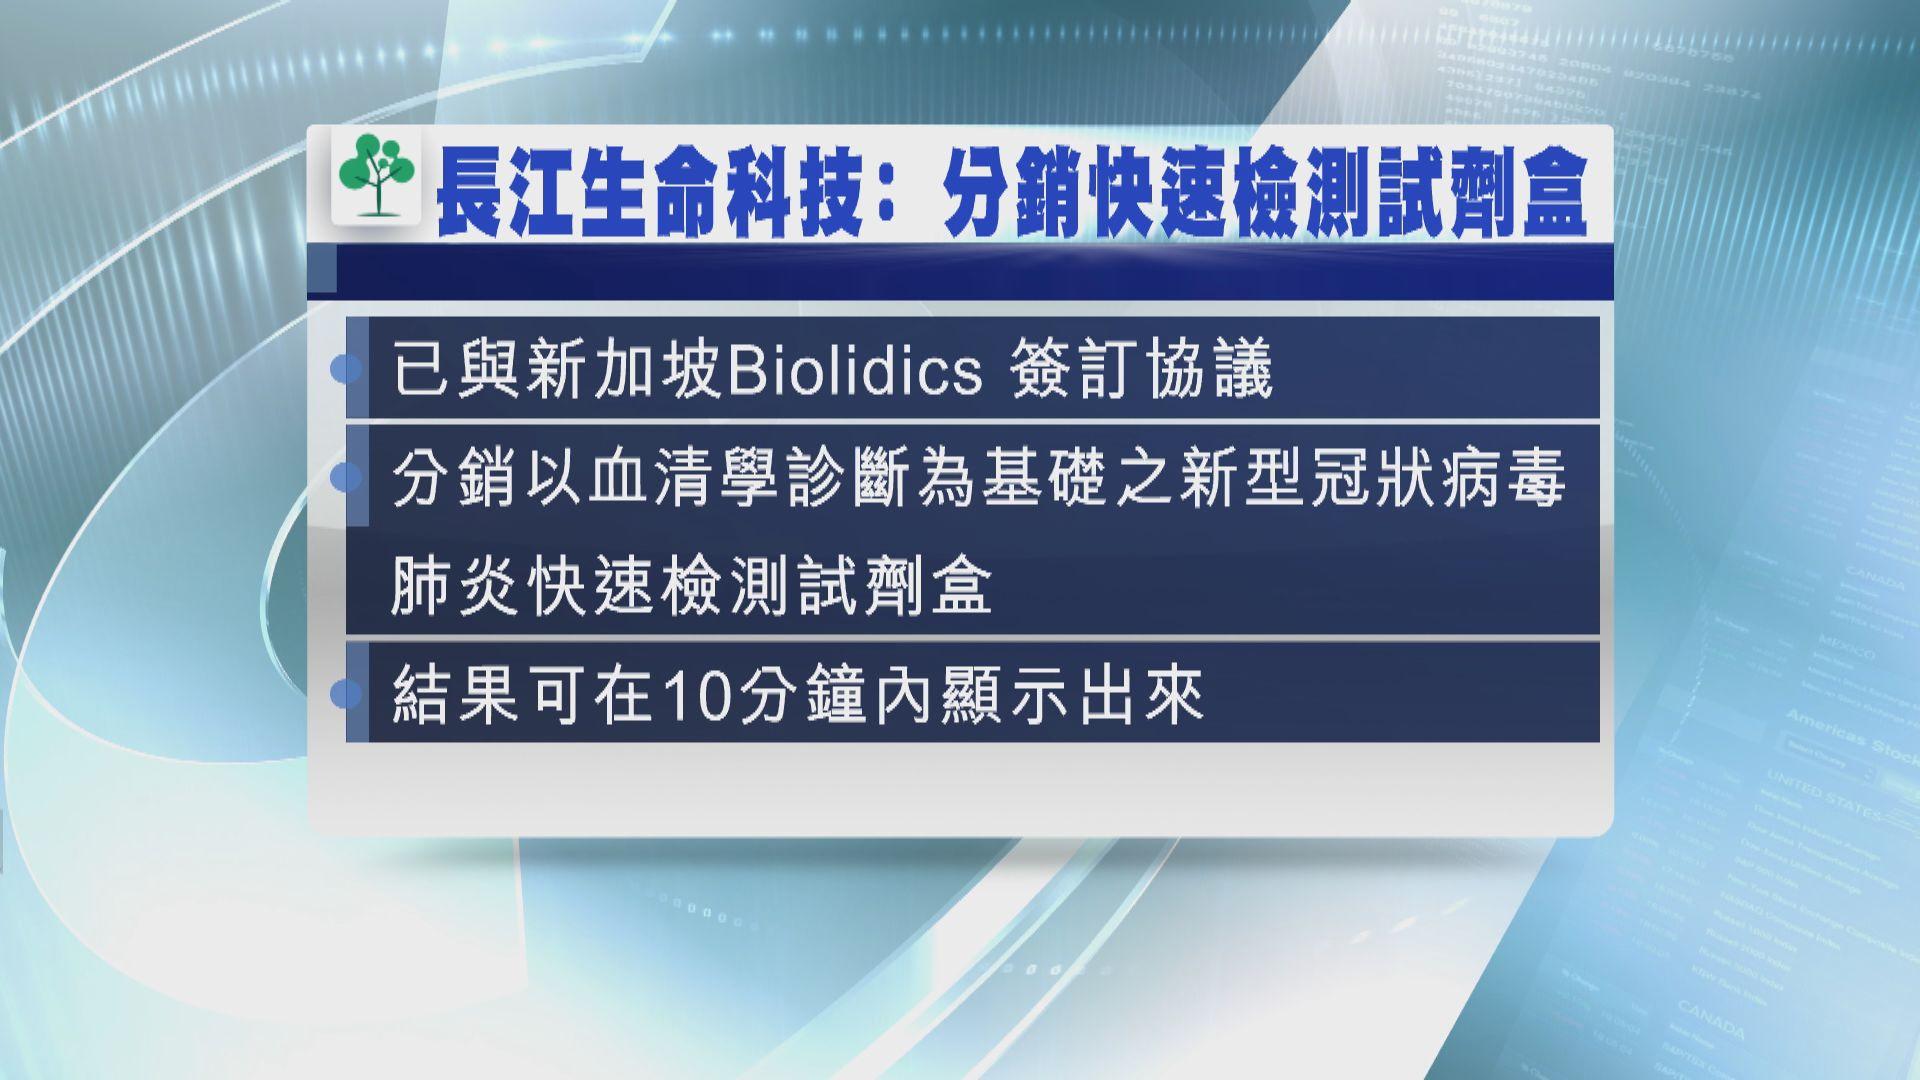 【試劑盒】長江生命科技將分銷新型肺炎試劑盒